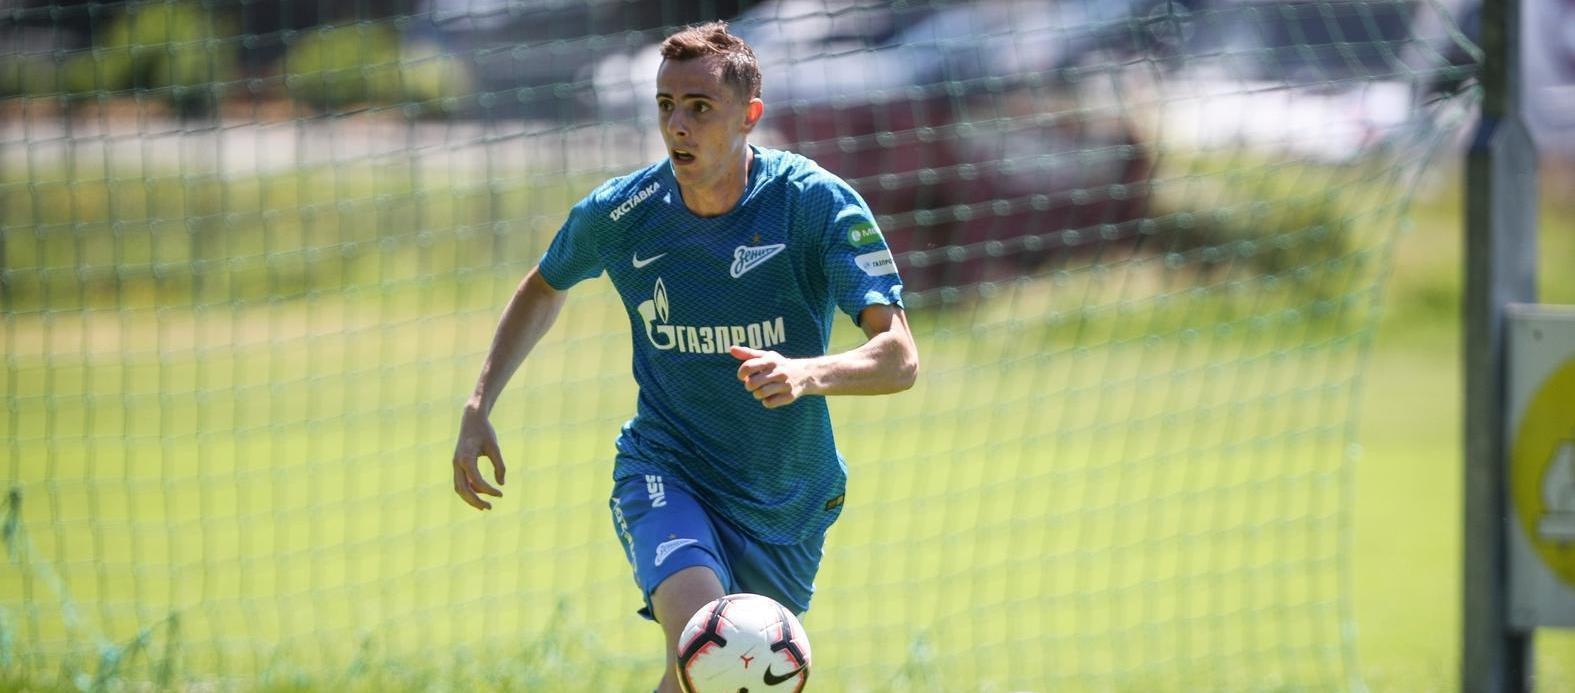 Агент Джорджевича: Лука уйдет в «Локомотив»? Это возможно - фото